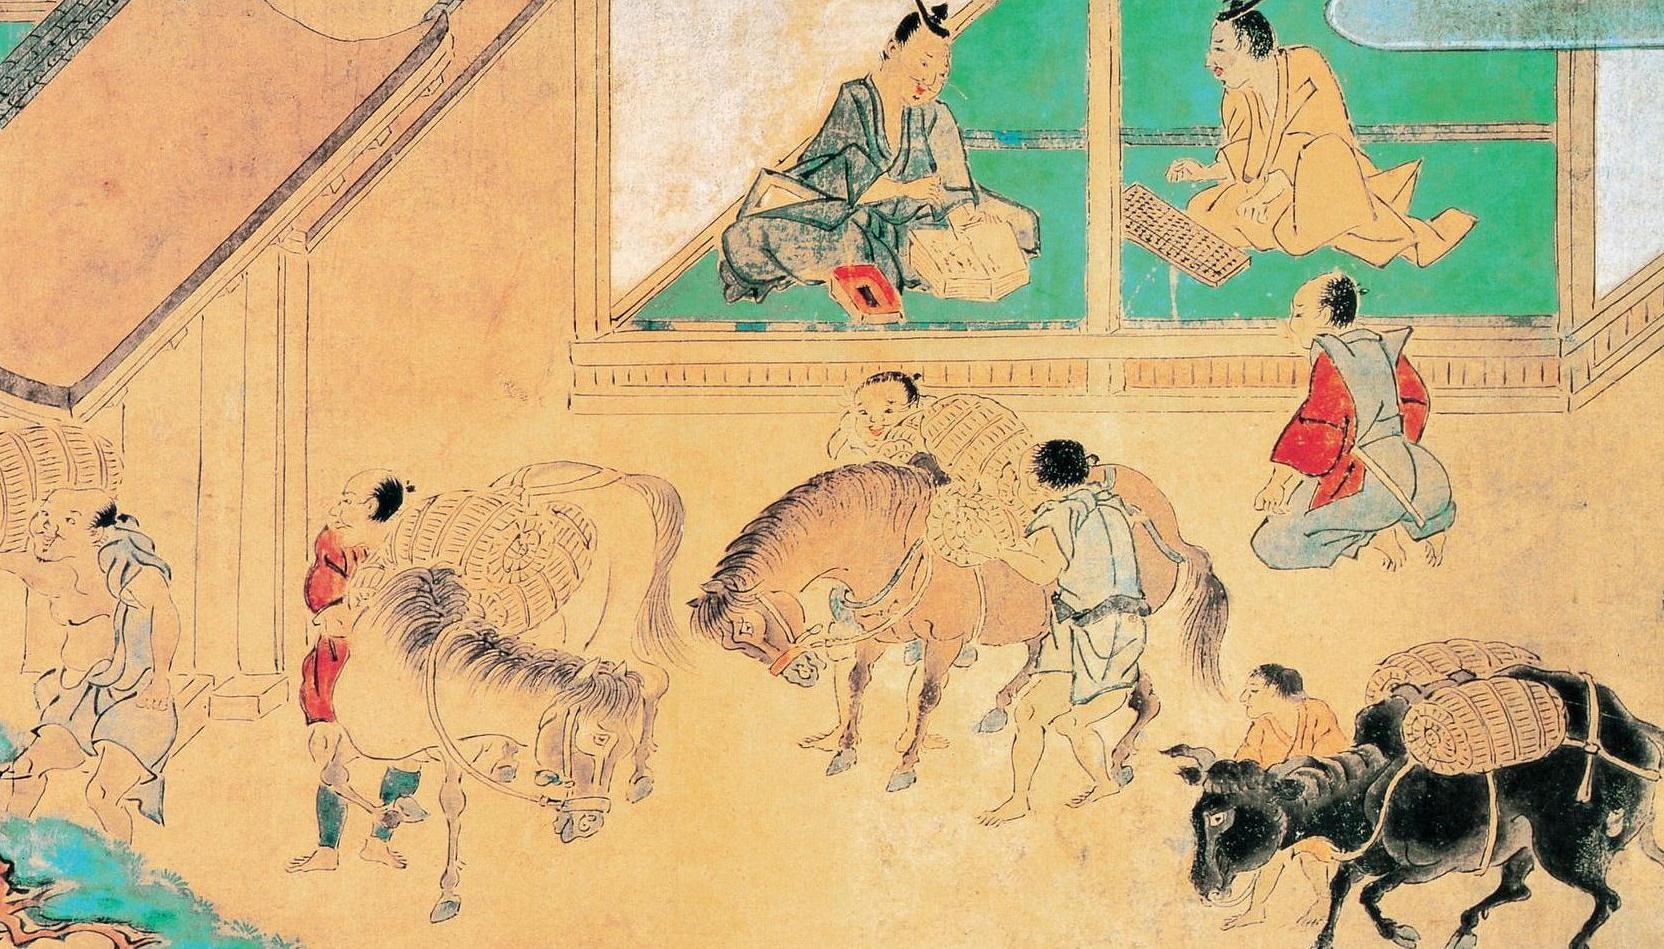 日本传统绘画_日本古代绘画,农民交租及村长交账的场景.